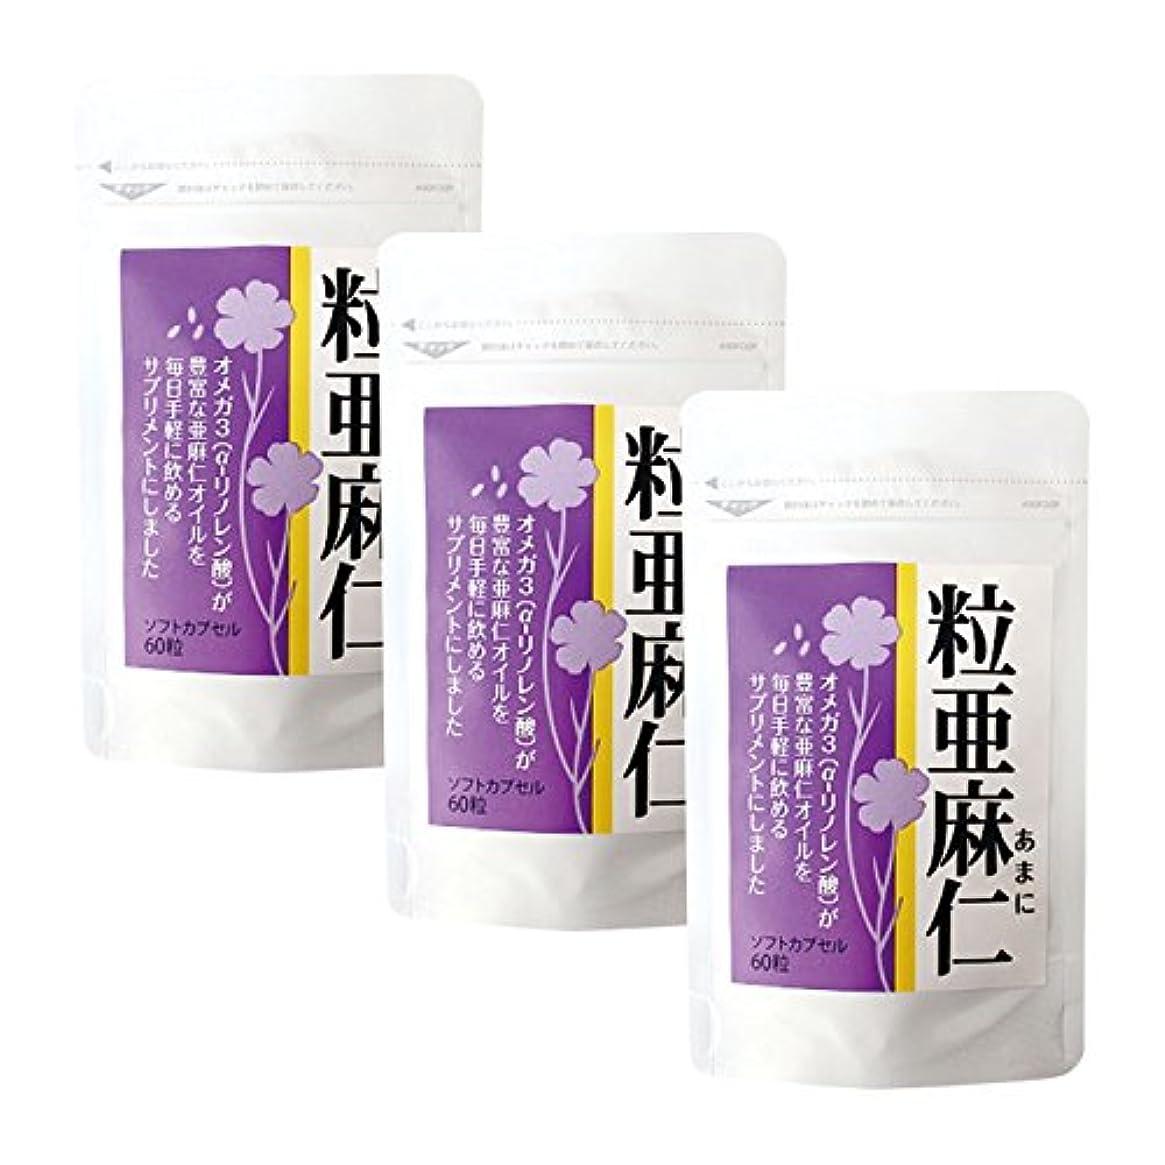 期間大通りくちばし粒亜麻仁(60粒)×3袋セット